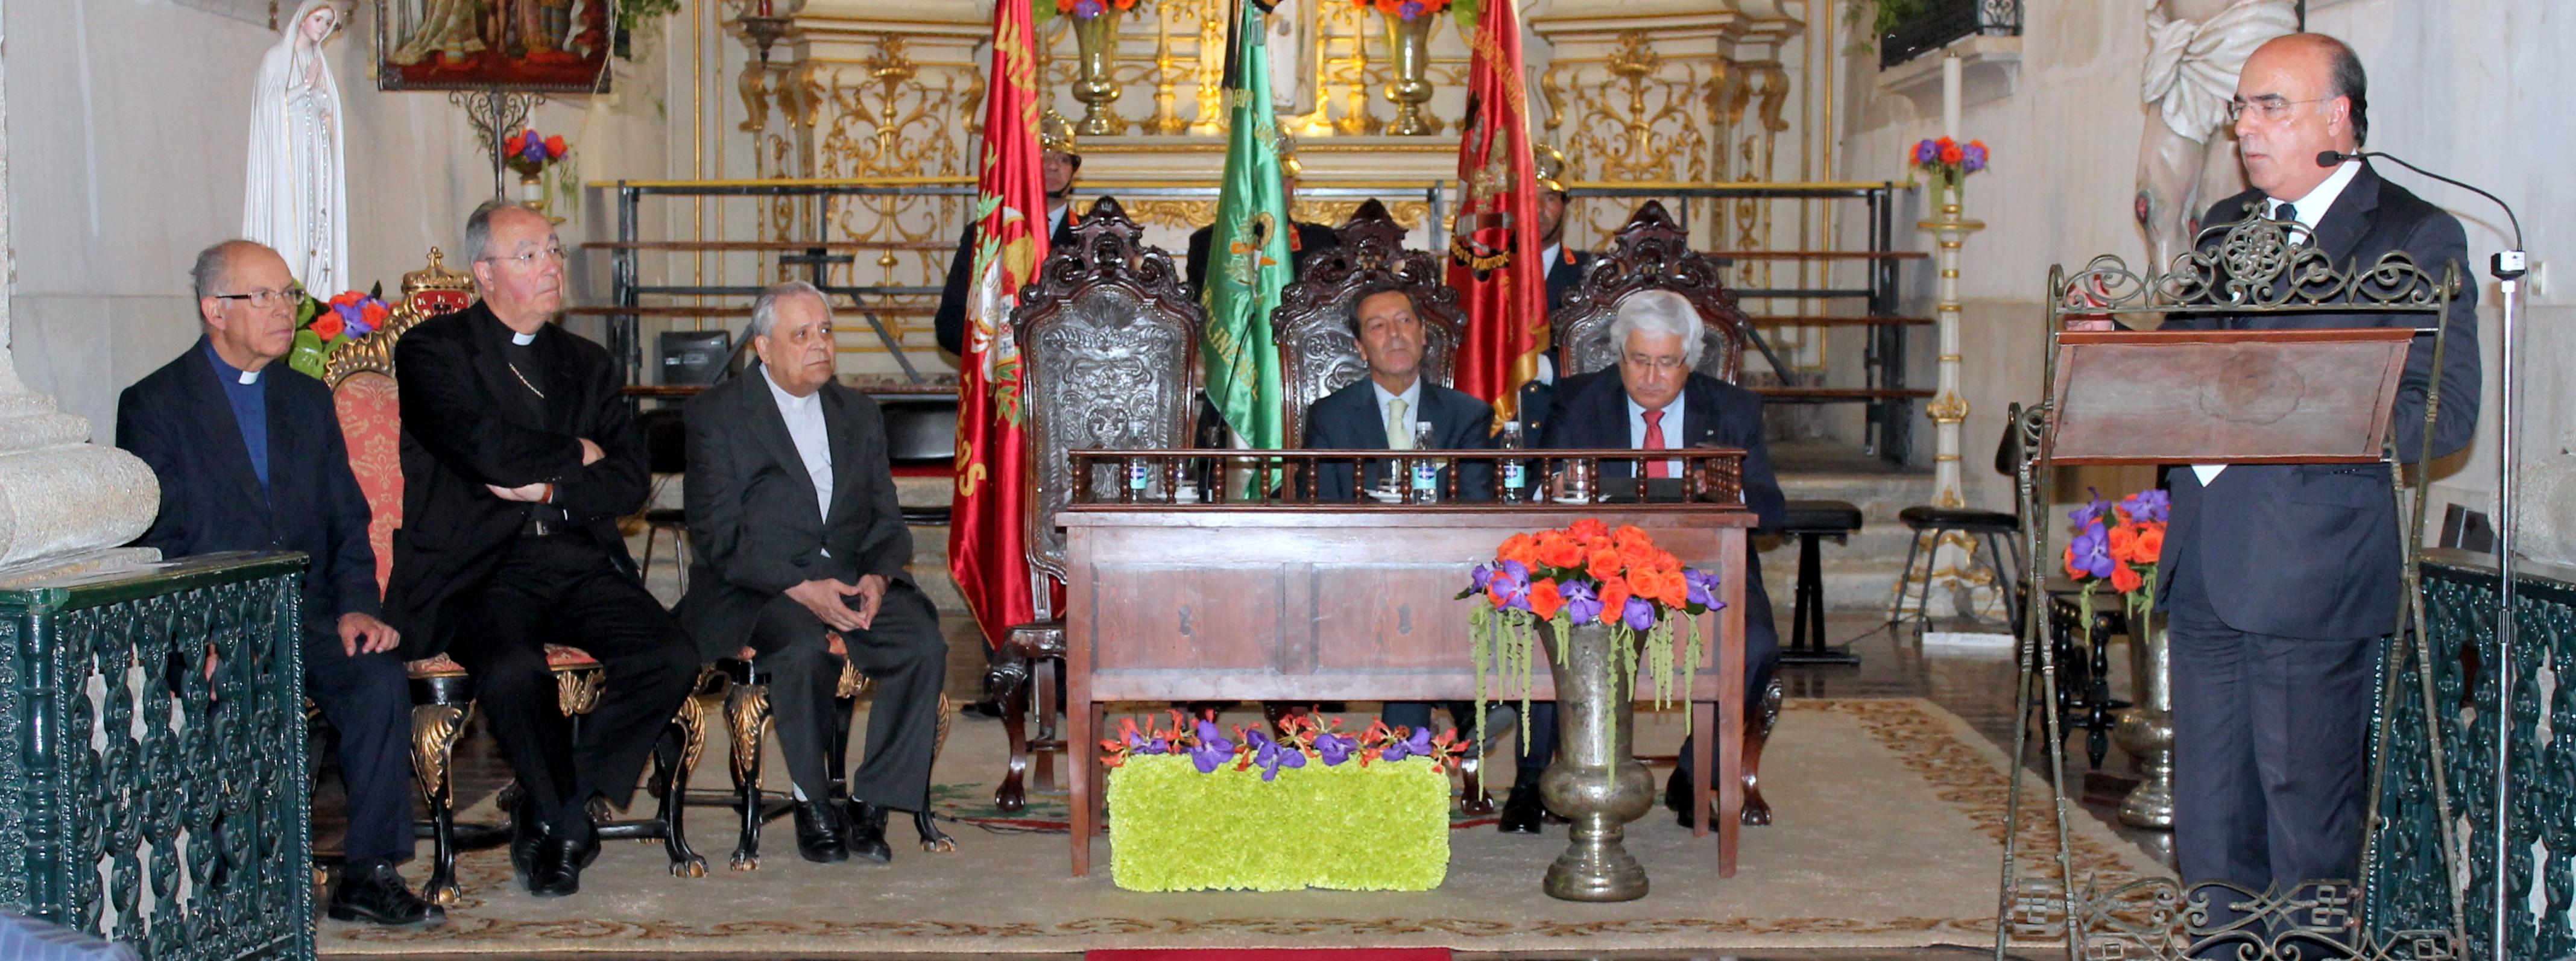 Presidente da Câmara reconhece importância da Santa Casa da Misericórdia